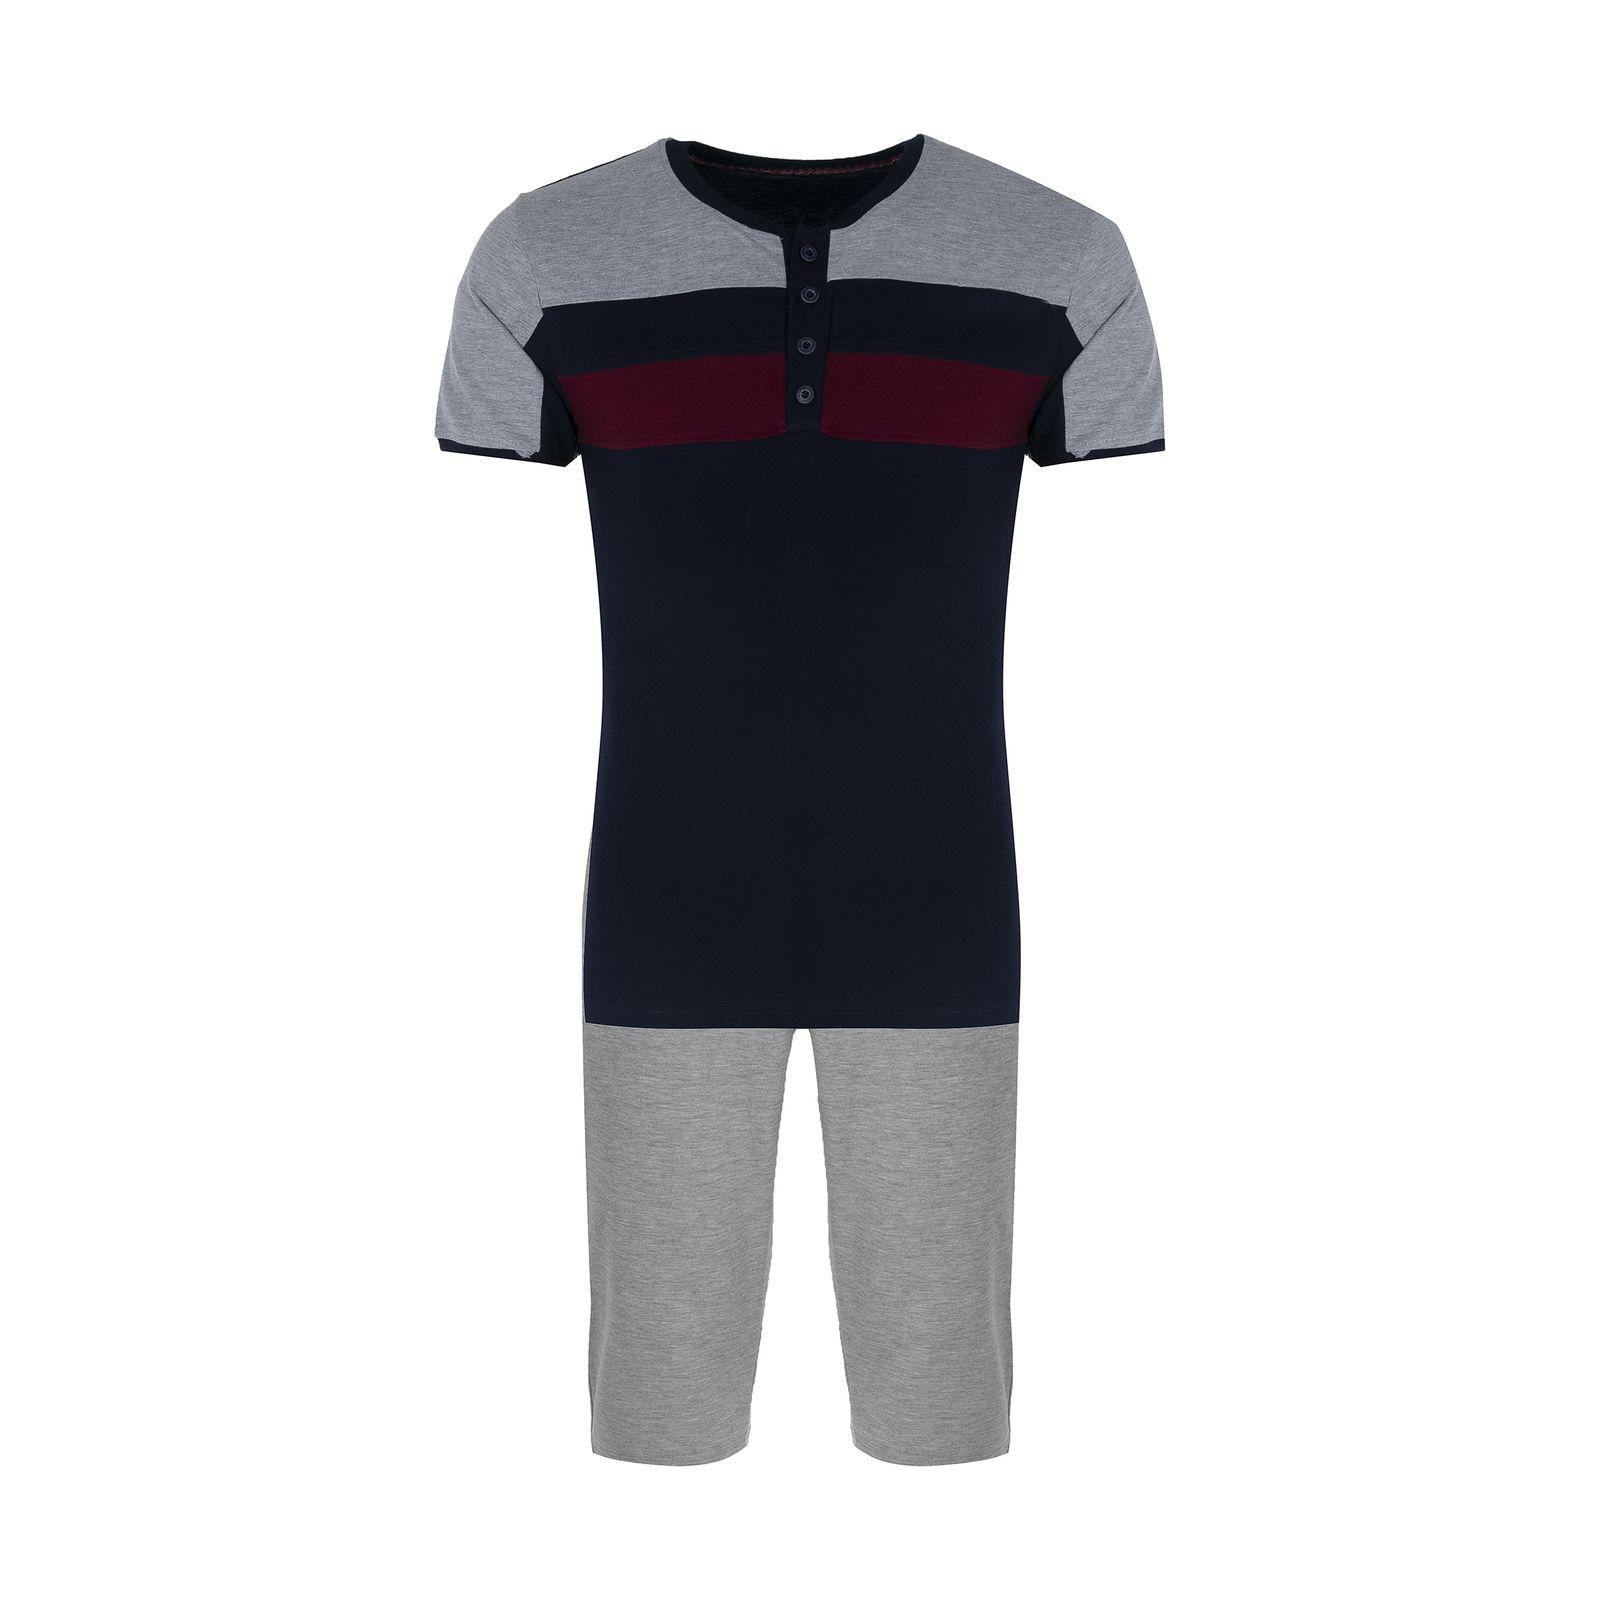 ست تی شرت و شلوار مردانه آسوده کد 0240 رنگ مشکی -  - 2